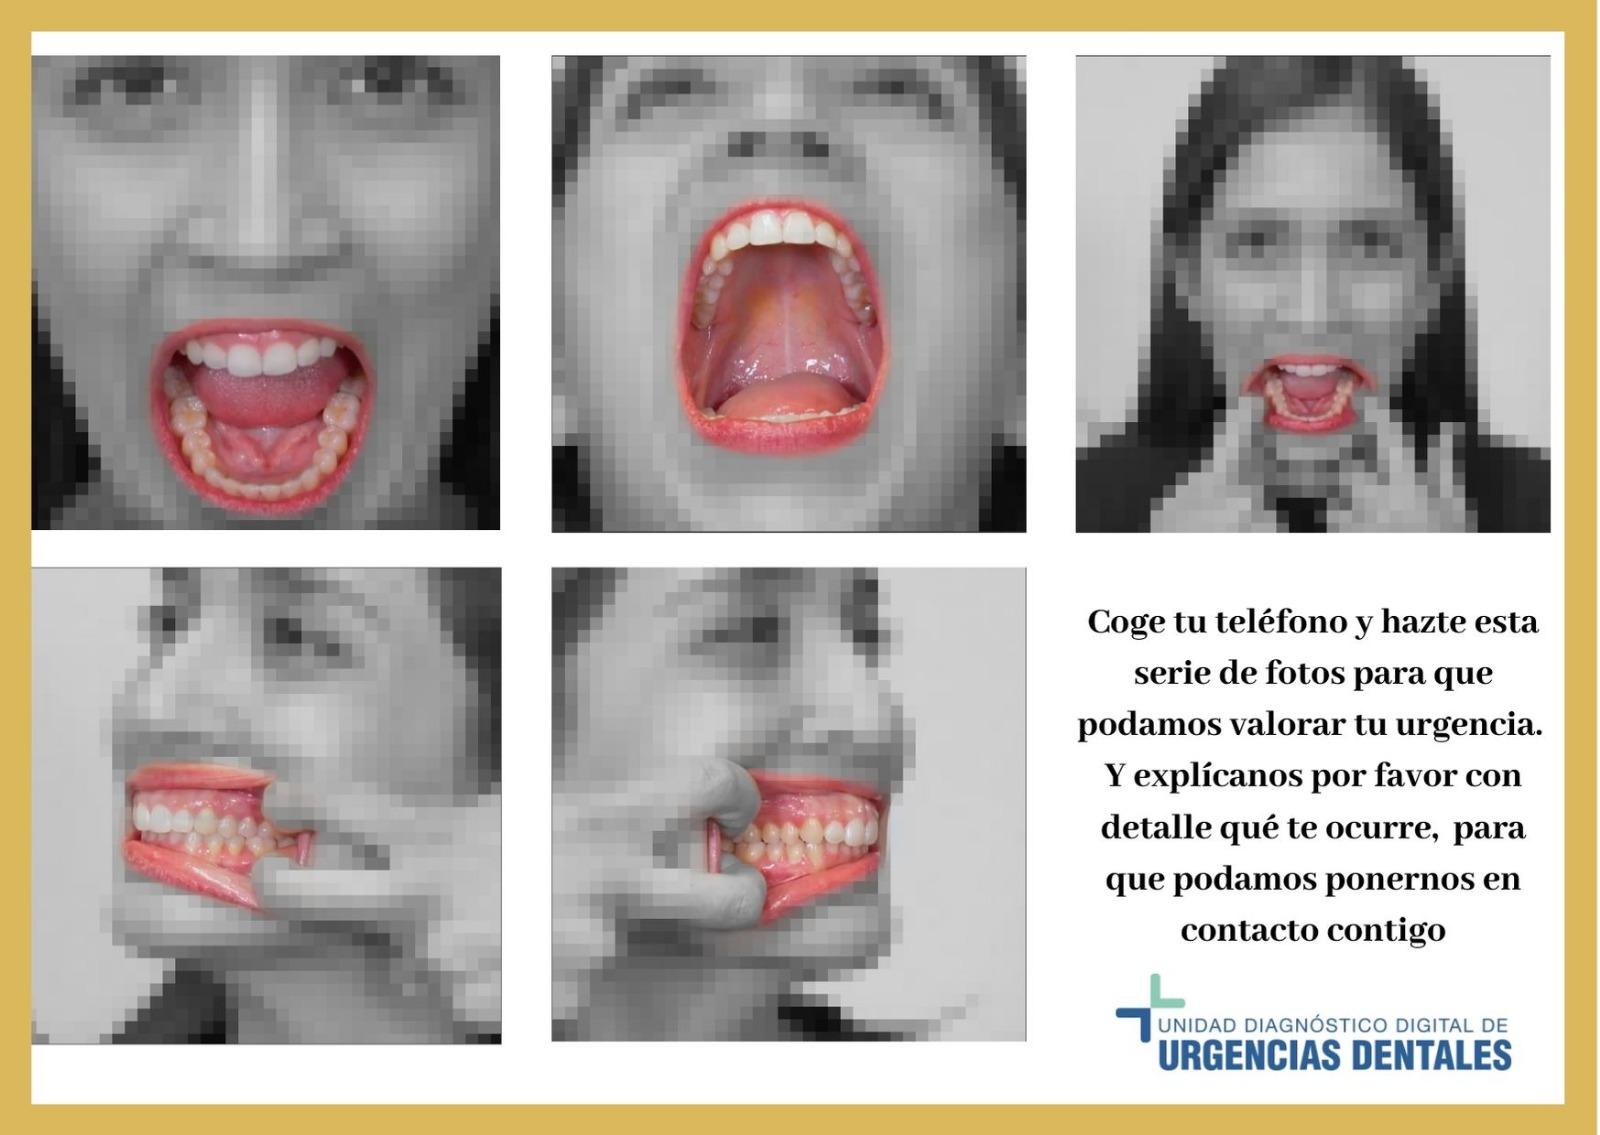 diagnostico dental online